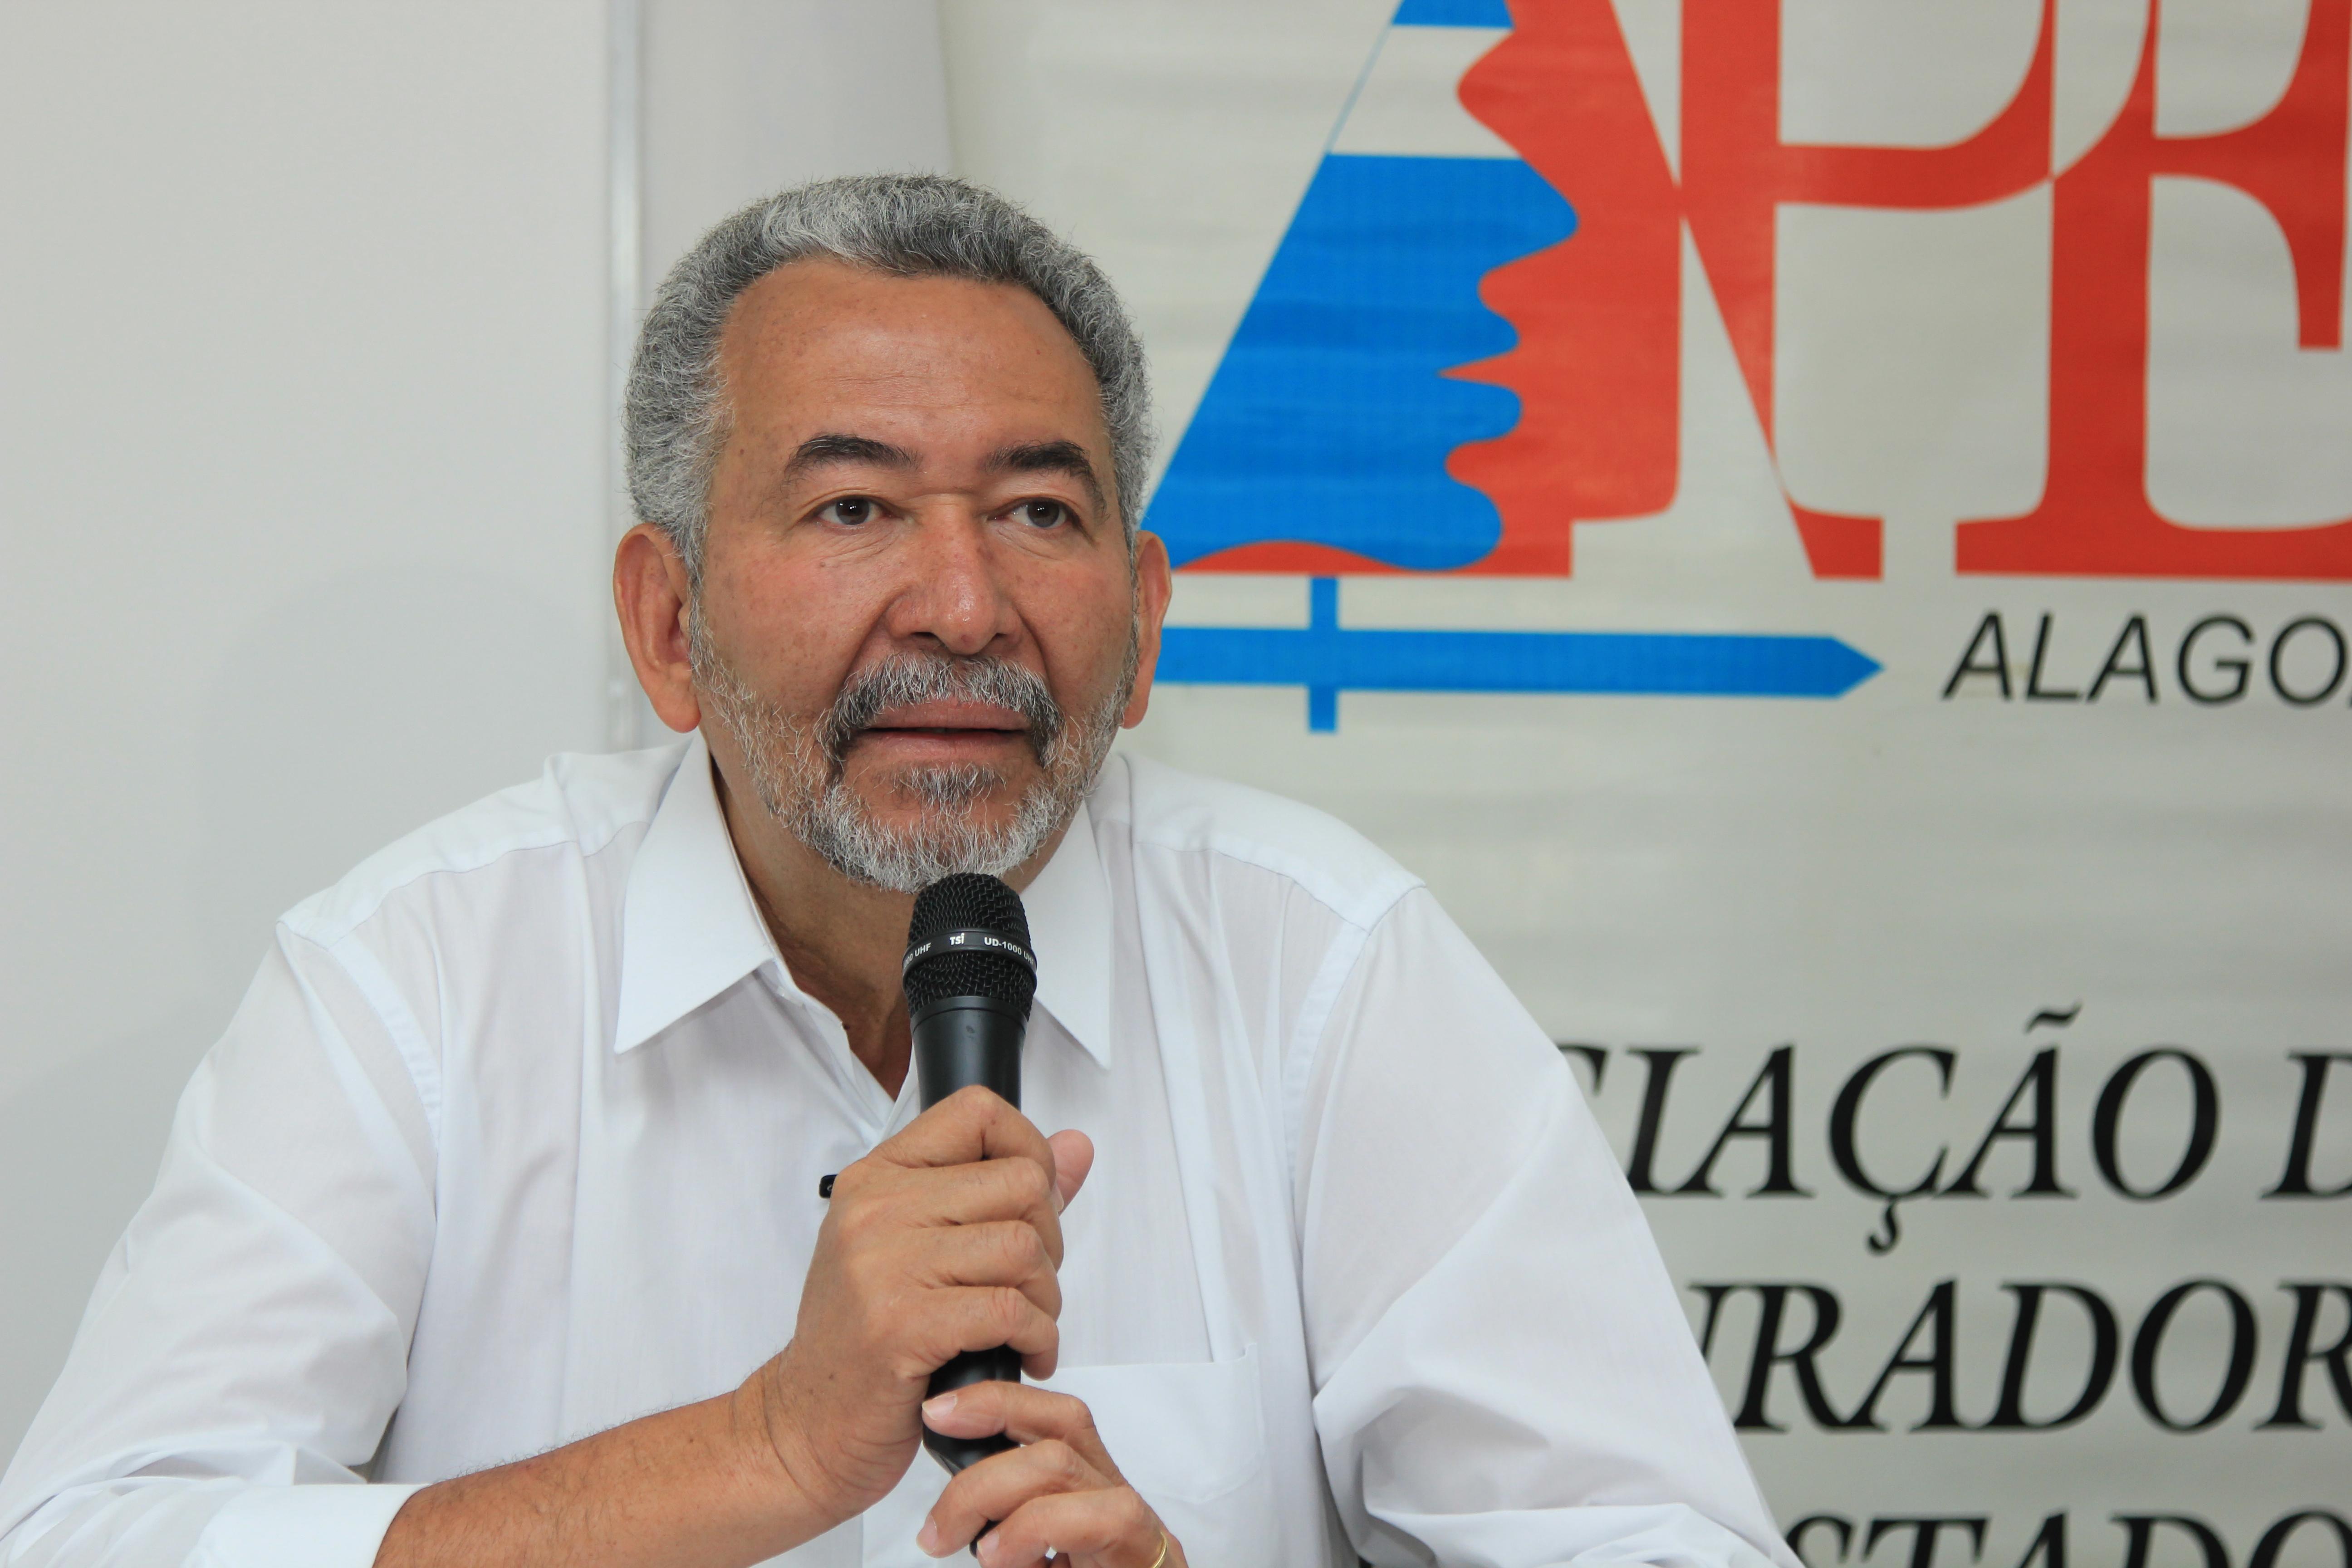 Paulão defende maior participação social na prefeitura